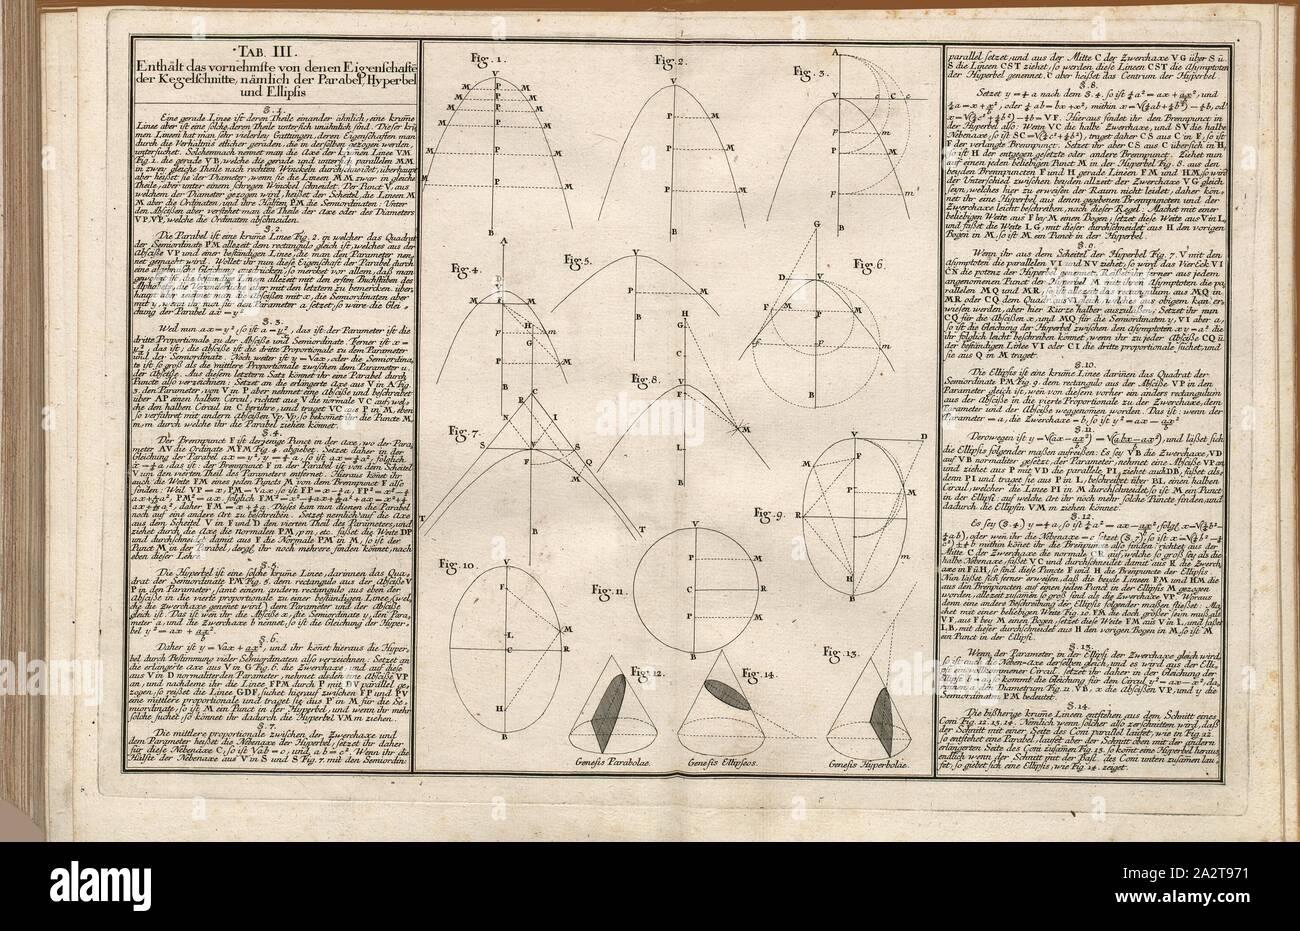 Properties of conic sections, Fig. 1-4: Parabola, Fig. 5-8: Hyperbola, Fig. 9-10: Ellipse, Fig. 11: Circle, Fig. 12-14: Conic sections, Tab. III, P. 70, 1745, Tobias Mayer: Mathematischer Atlas, in welchem auf 60 Tabellen alle Theile der Mathematic vorgestellet und nicht allein überhaupt zu bequemer Wiederholung, sondern auch den Anfängern besonders zur Aufmunterung durch deutliche Beschreibung und Figuren entworfen werden. Augspurg: Pfeffel, 1745 Stock Photo